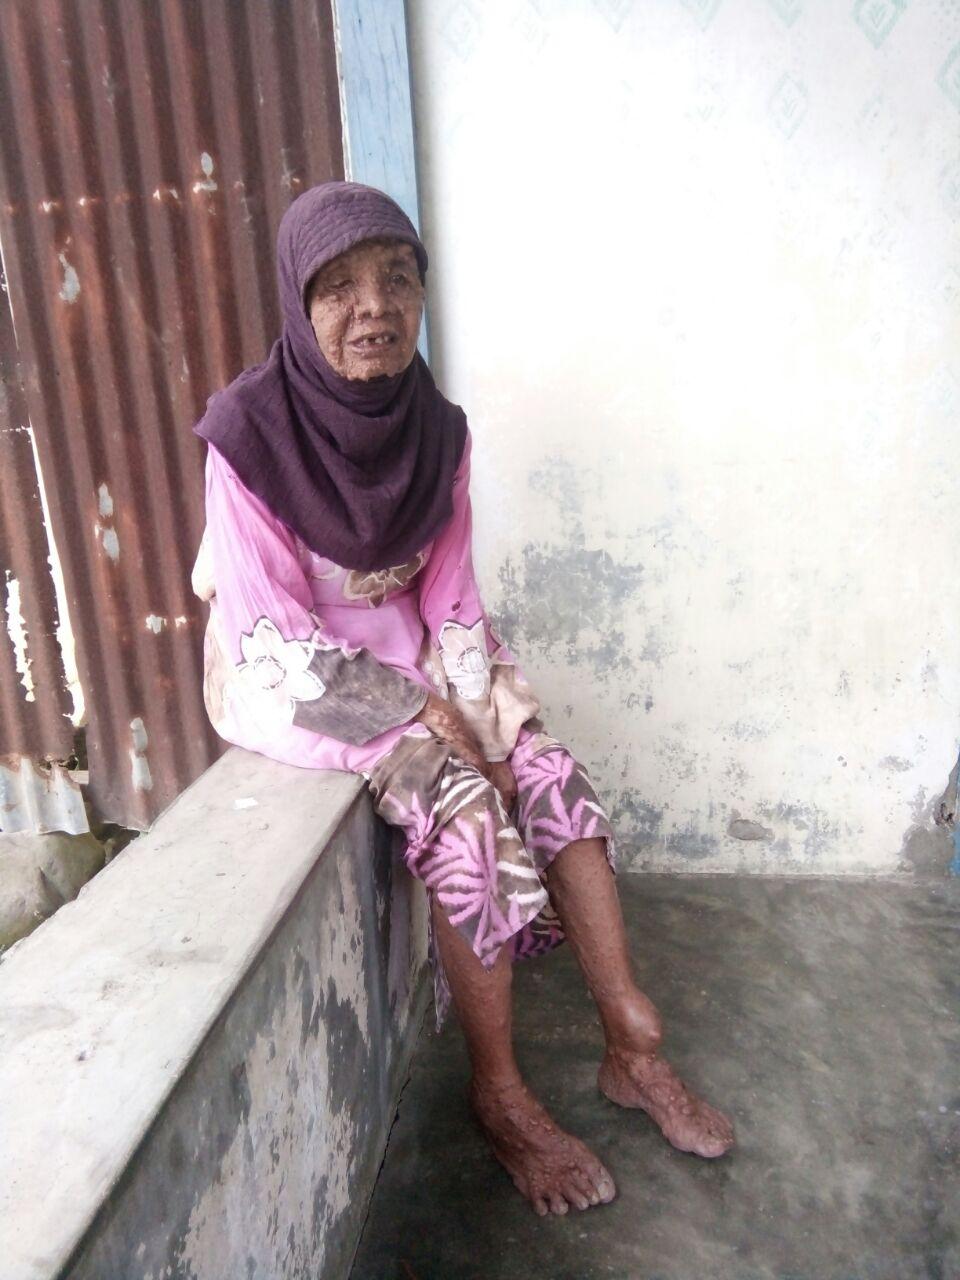 Darawati Siregar nenekasal Labura. yang sudah 39 tahun  menderita penyskit aneh